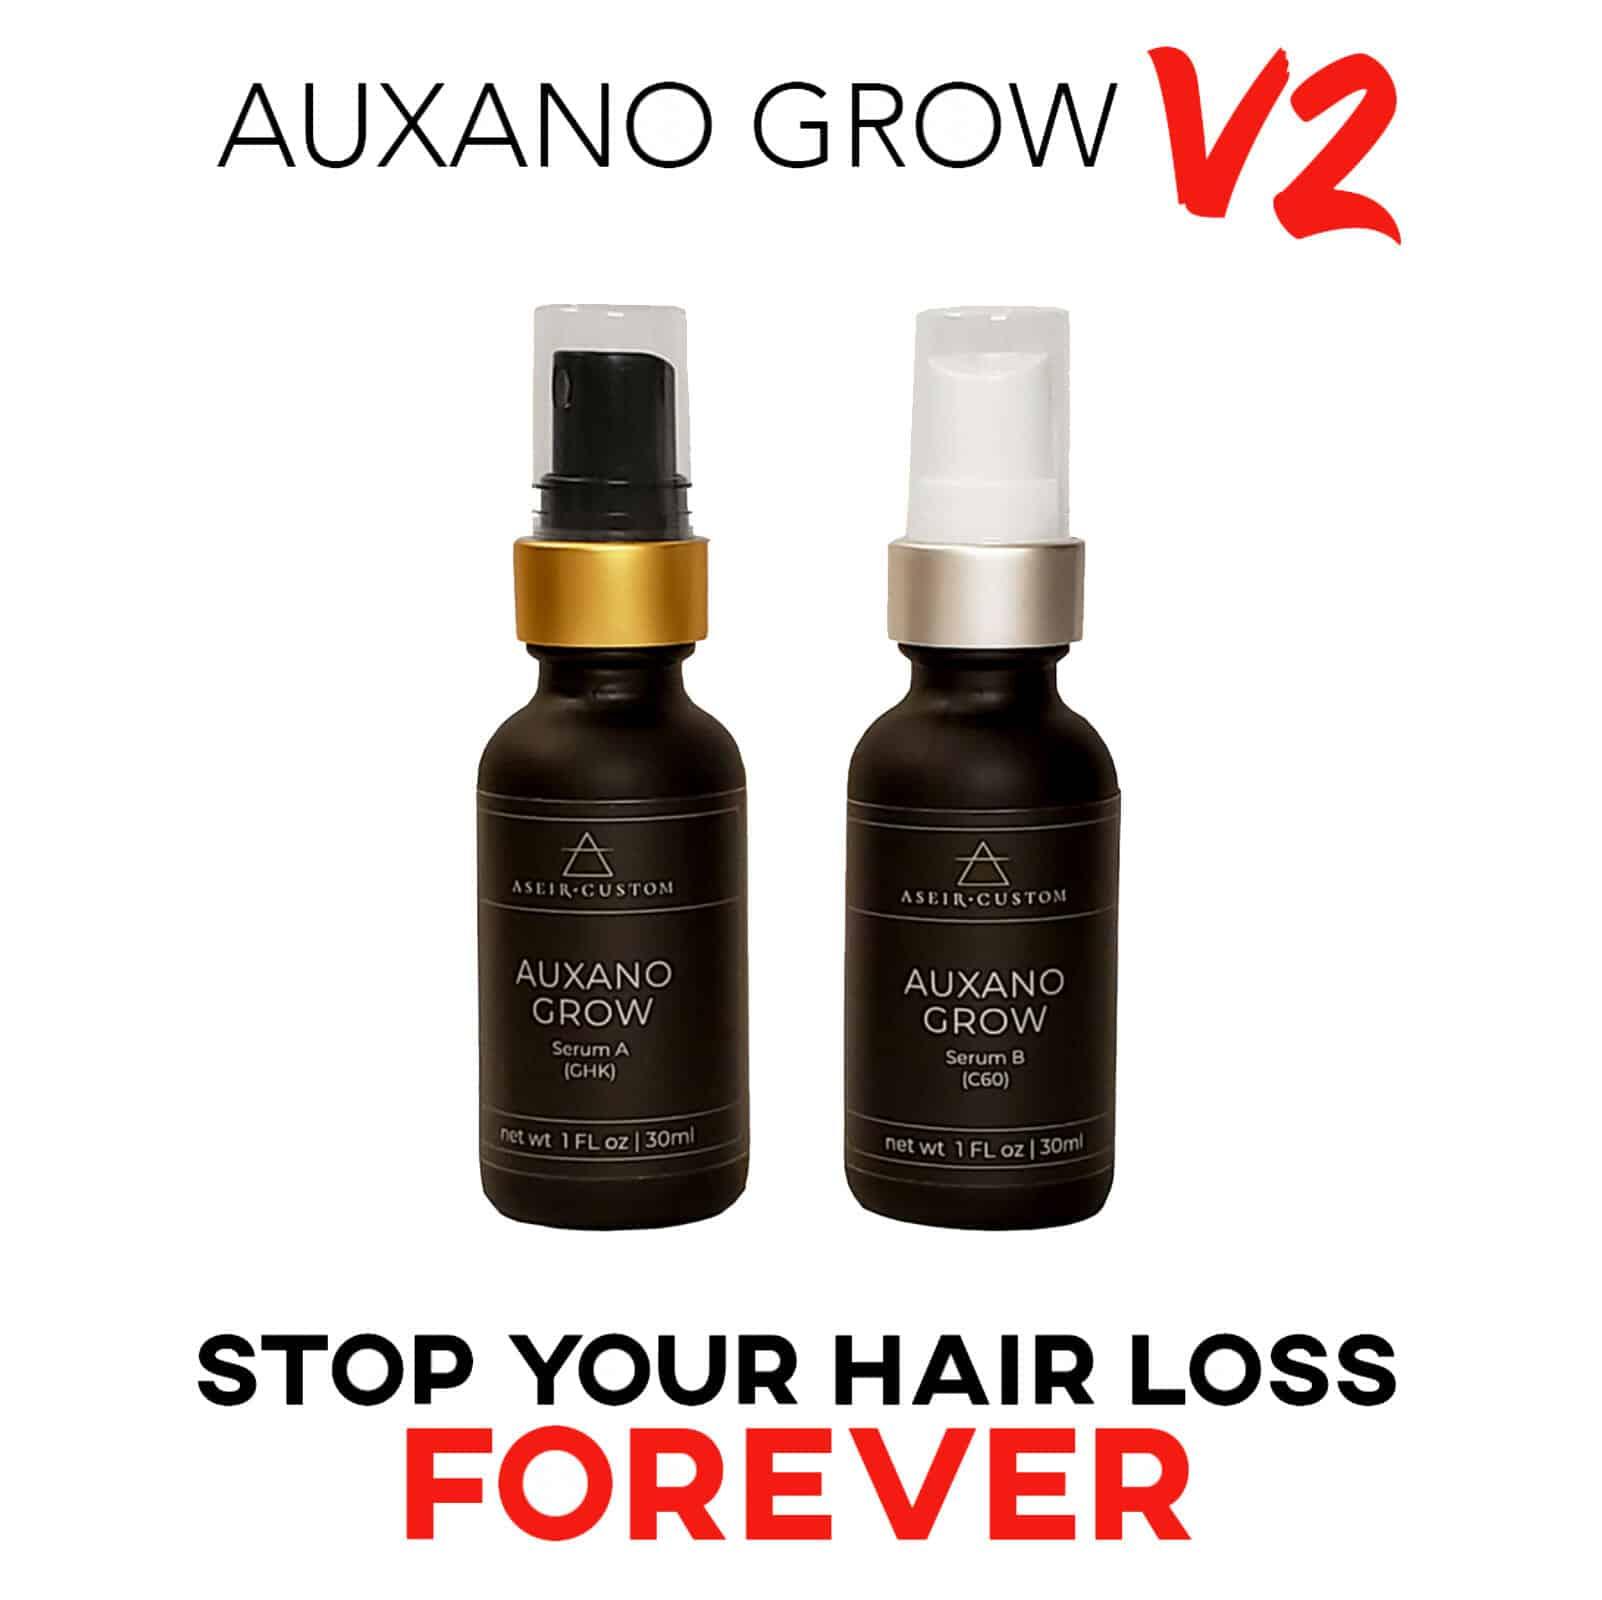 Auxano Grow